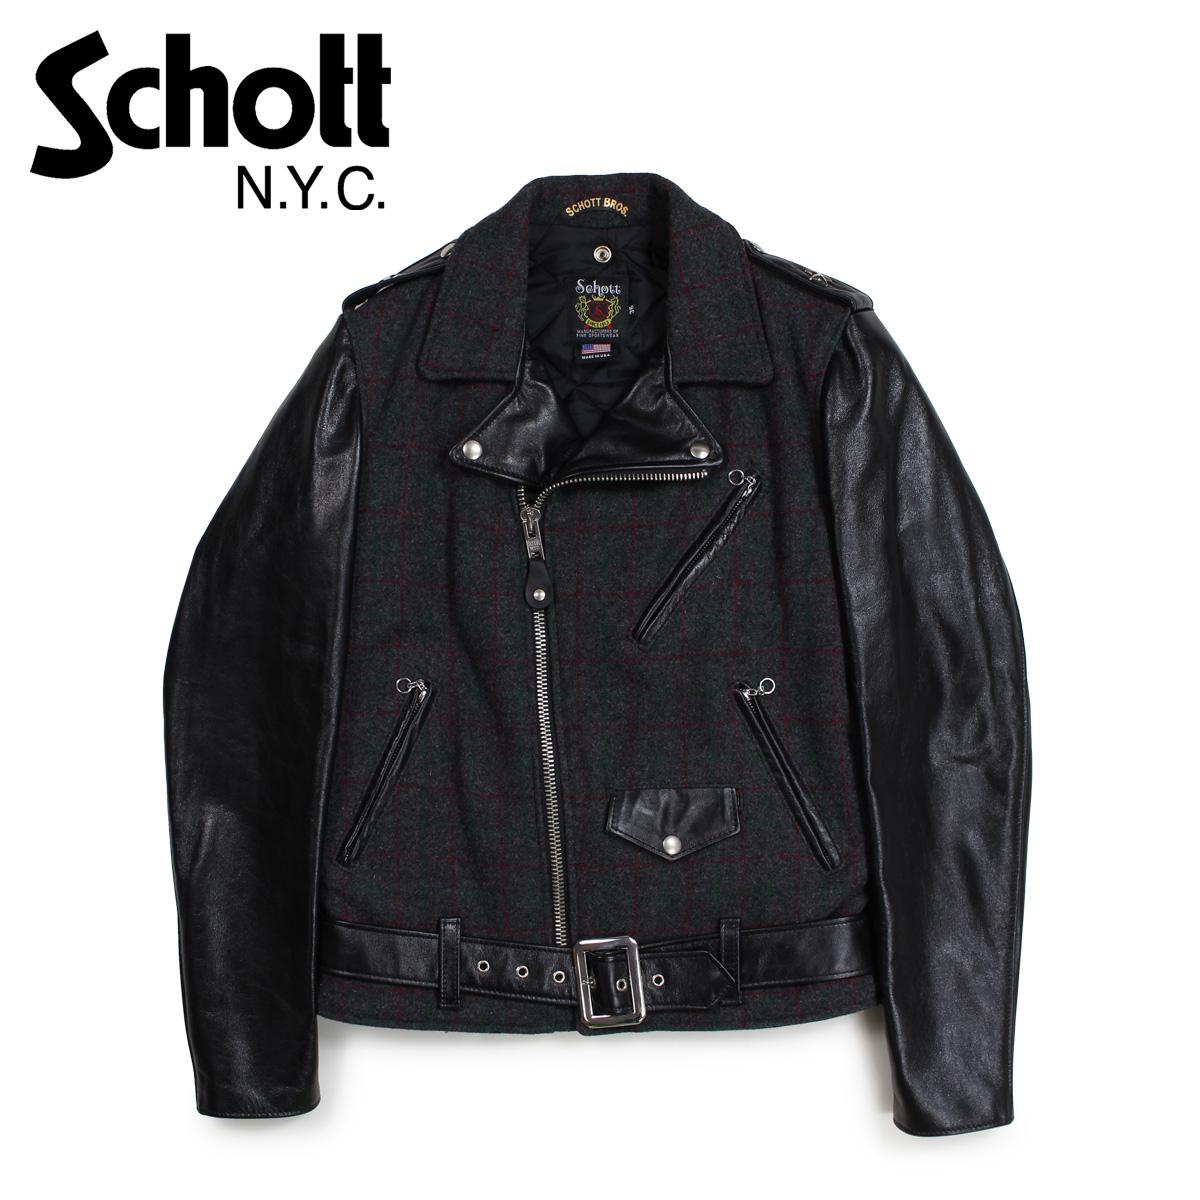 Schott MEN WOOL LEATHER RIDERS JACKET ショット ジャケット ライダースジャケット レザー メンズ ブラック